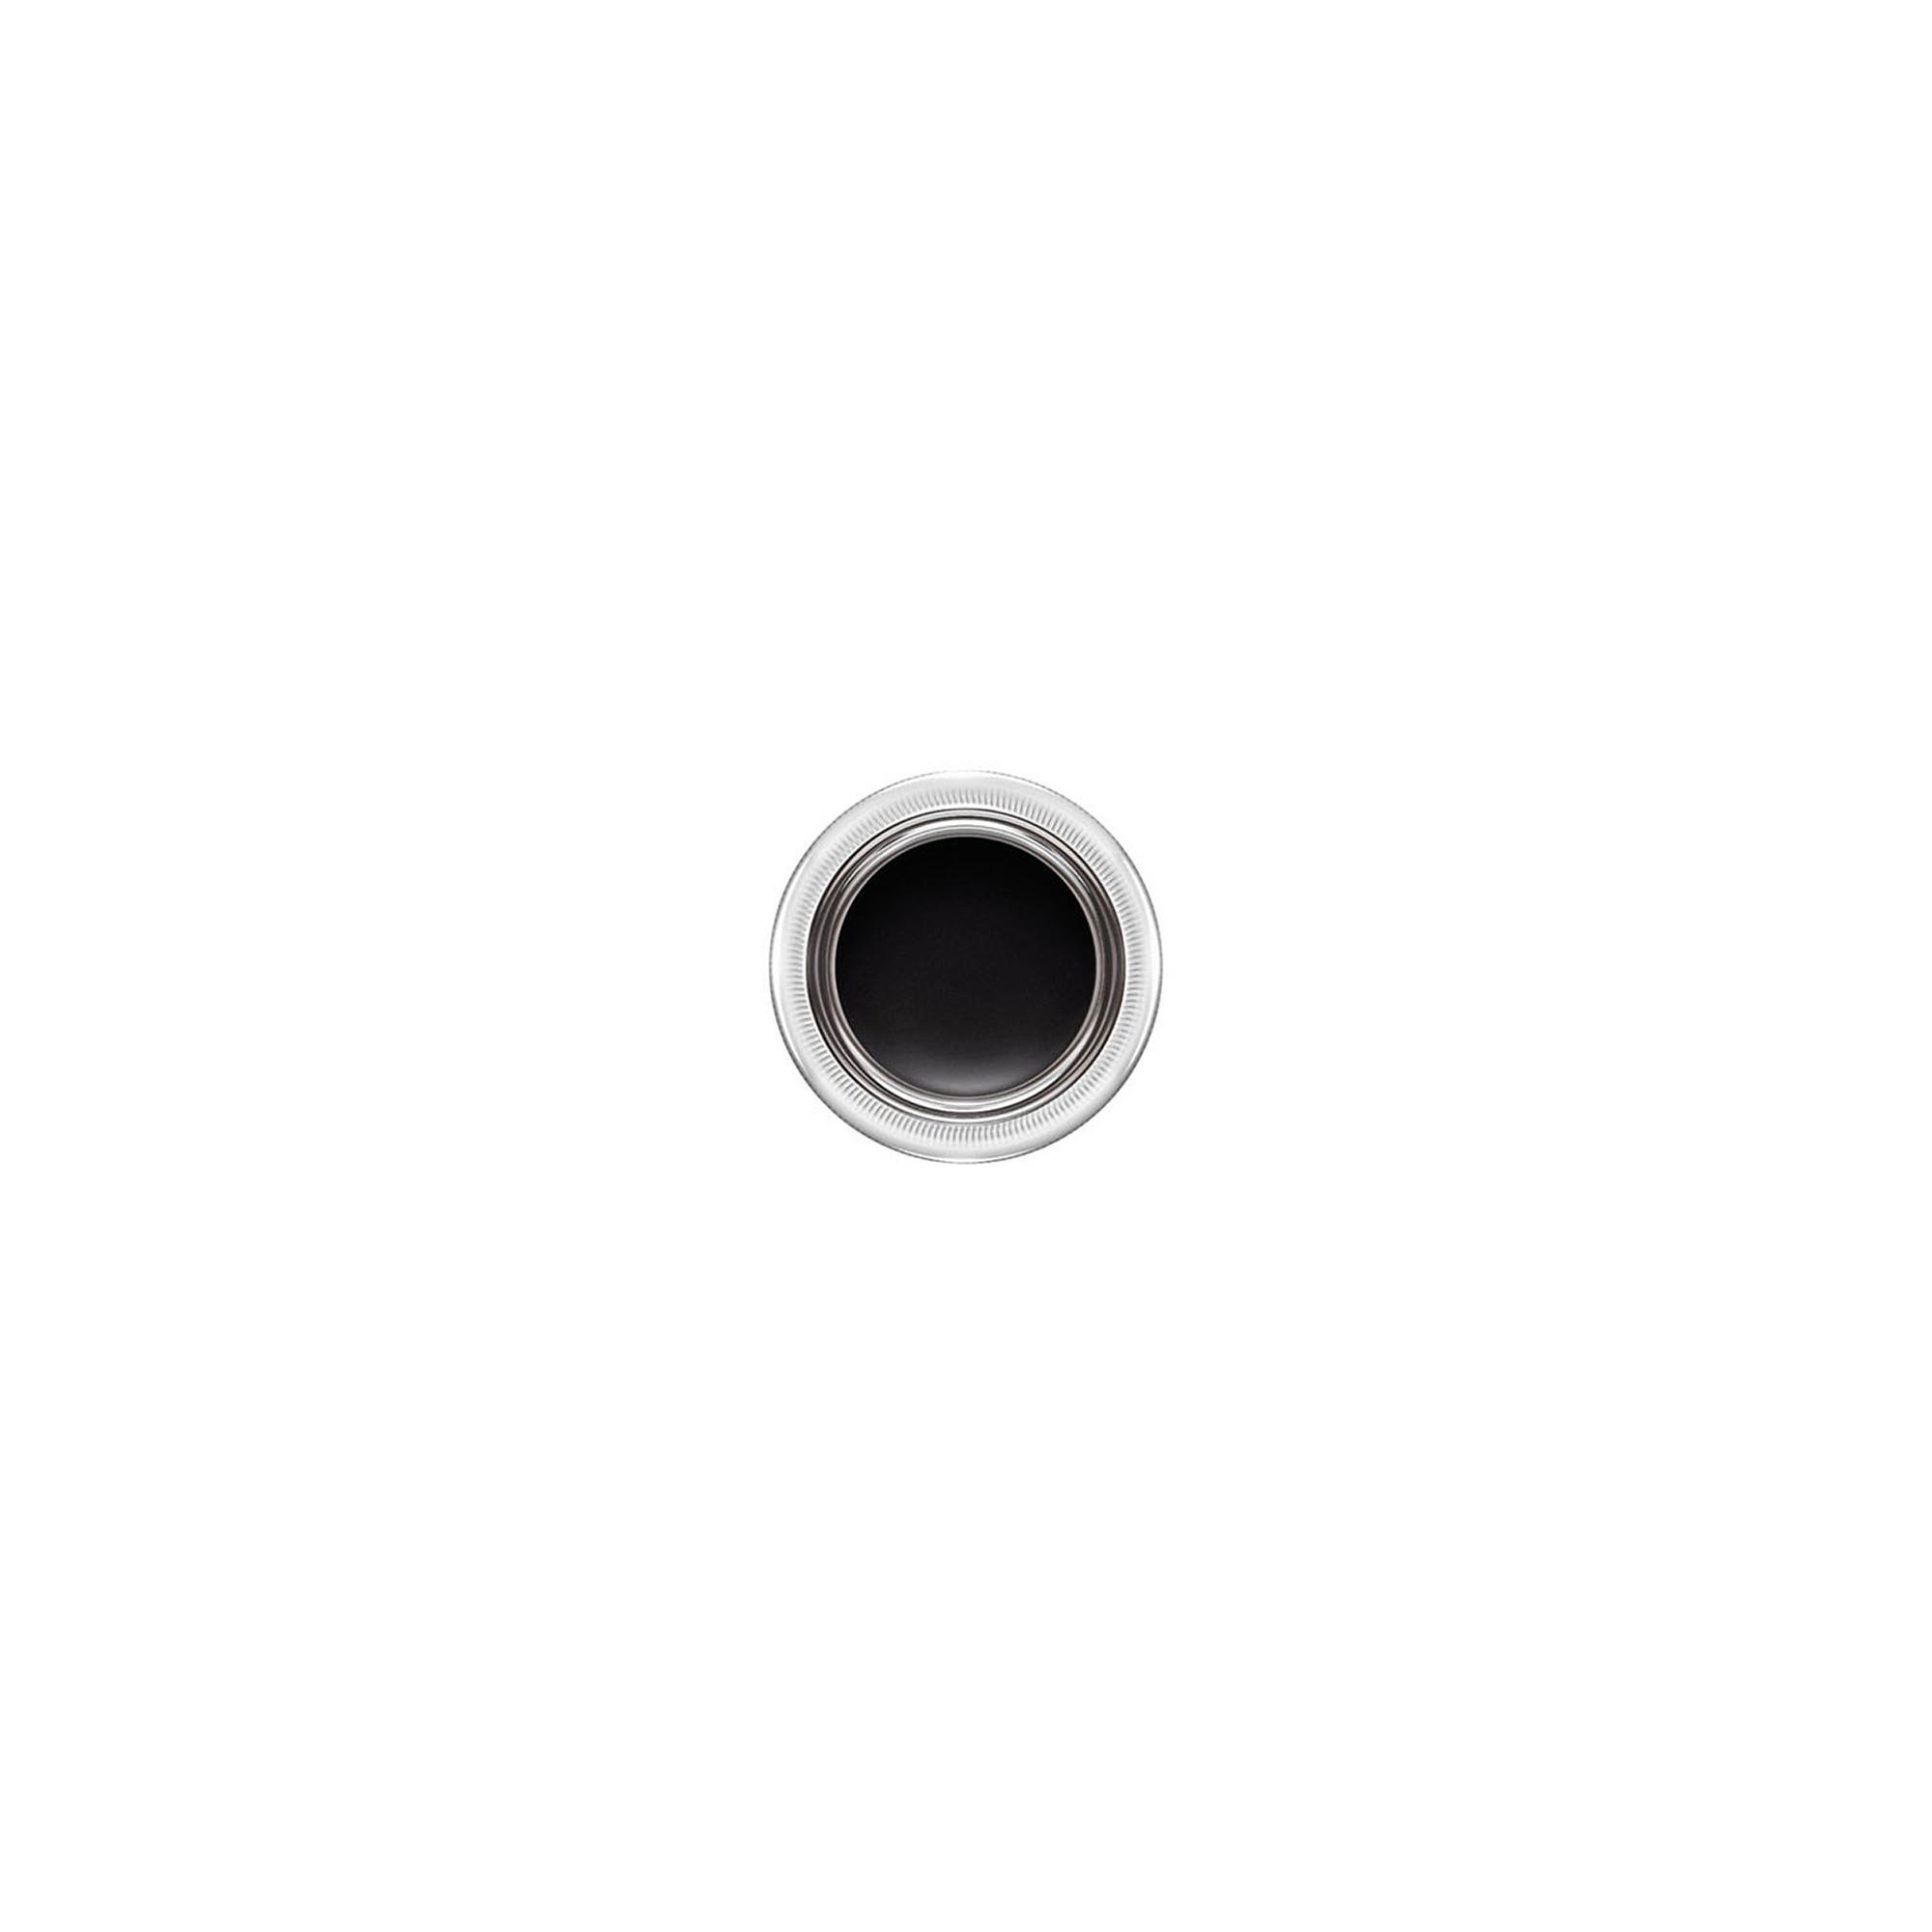 Pro Longwear Fluidline Eye Liner Gel - Blacktrack, BLACKTRACK, large image number 0